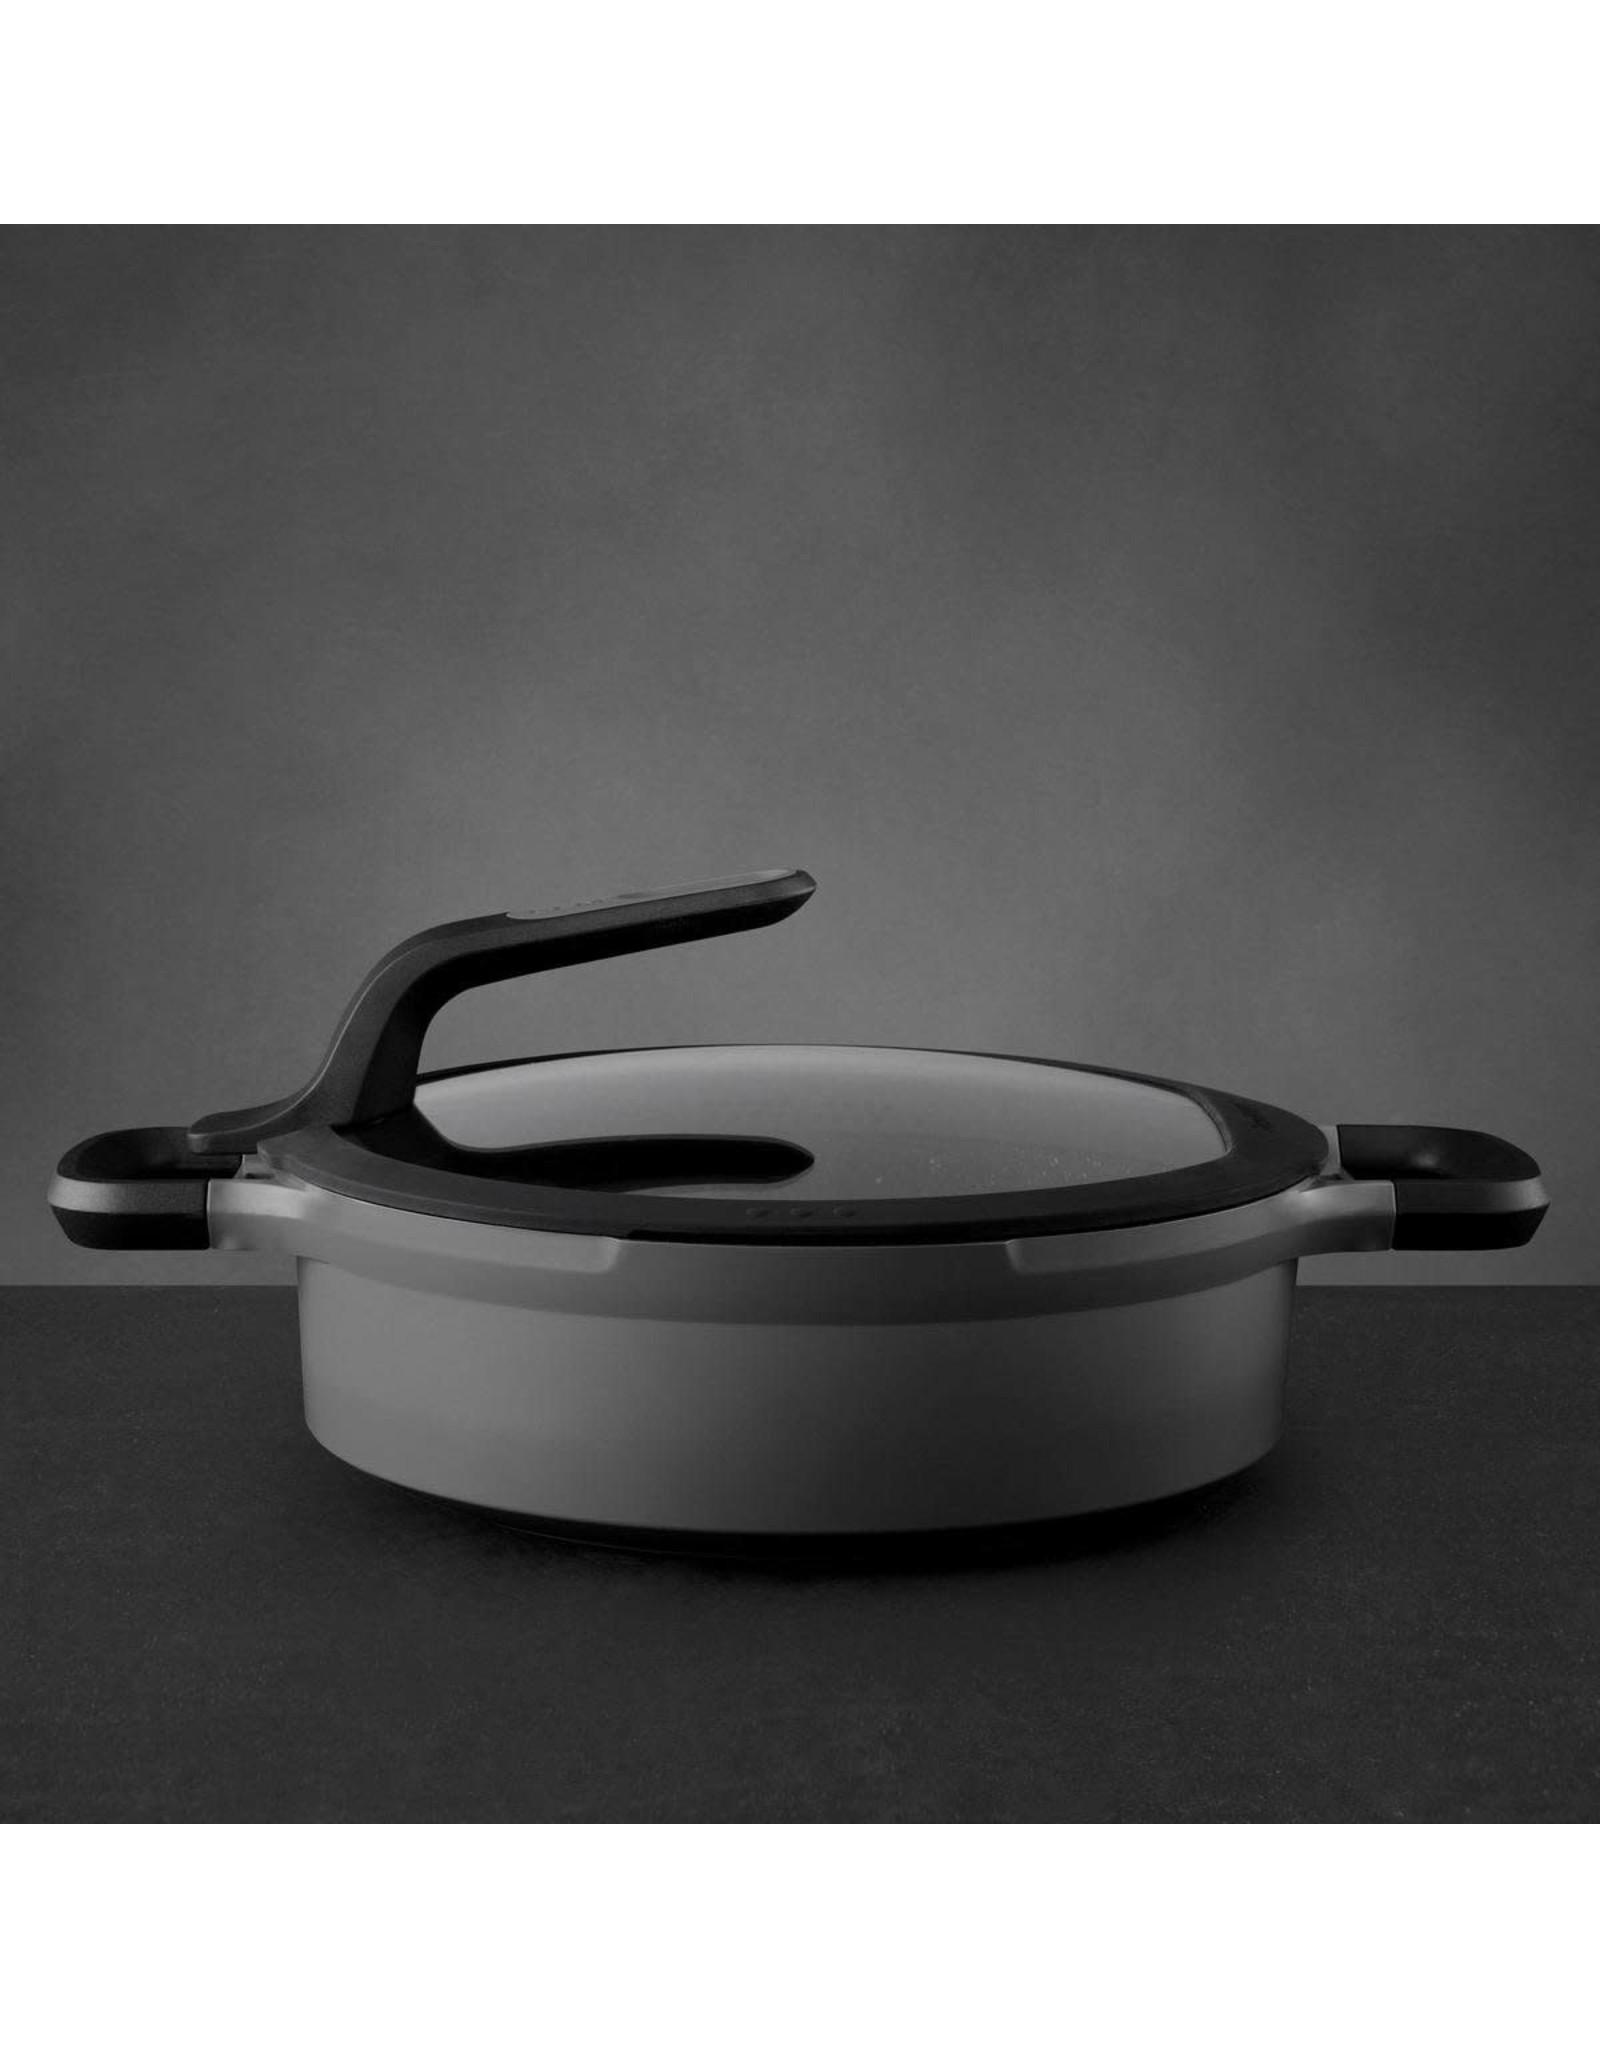 Sauteerpan 26 cm Aluminium, Grijs - BergHOFF  Gem